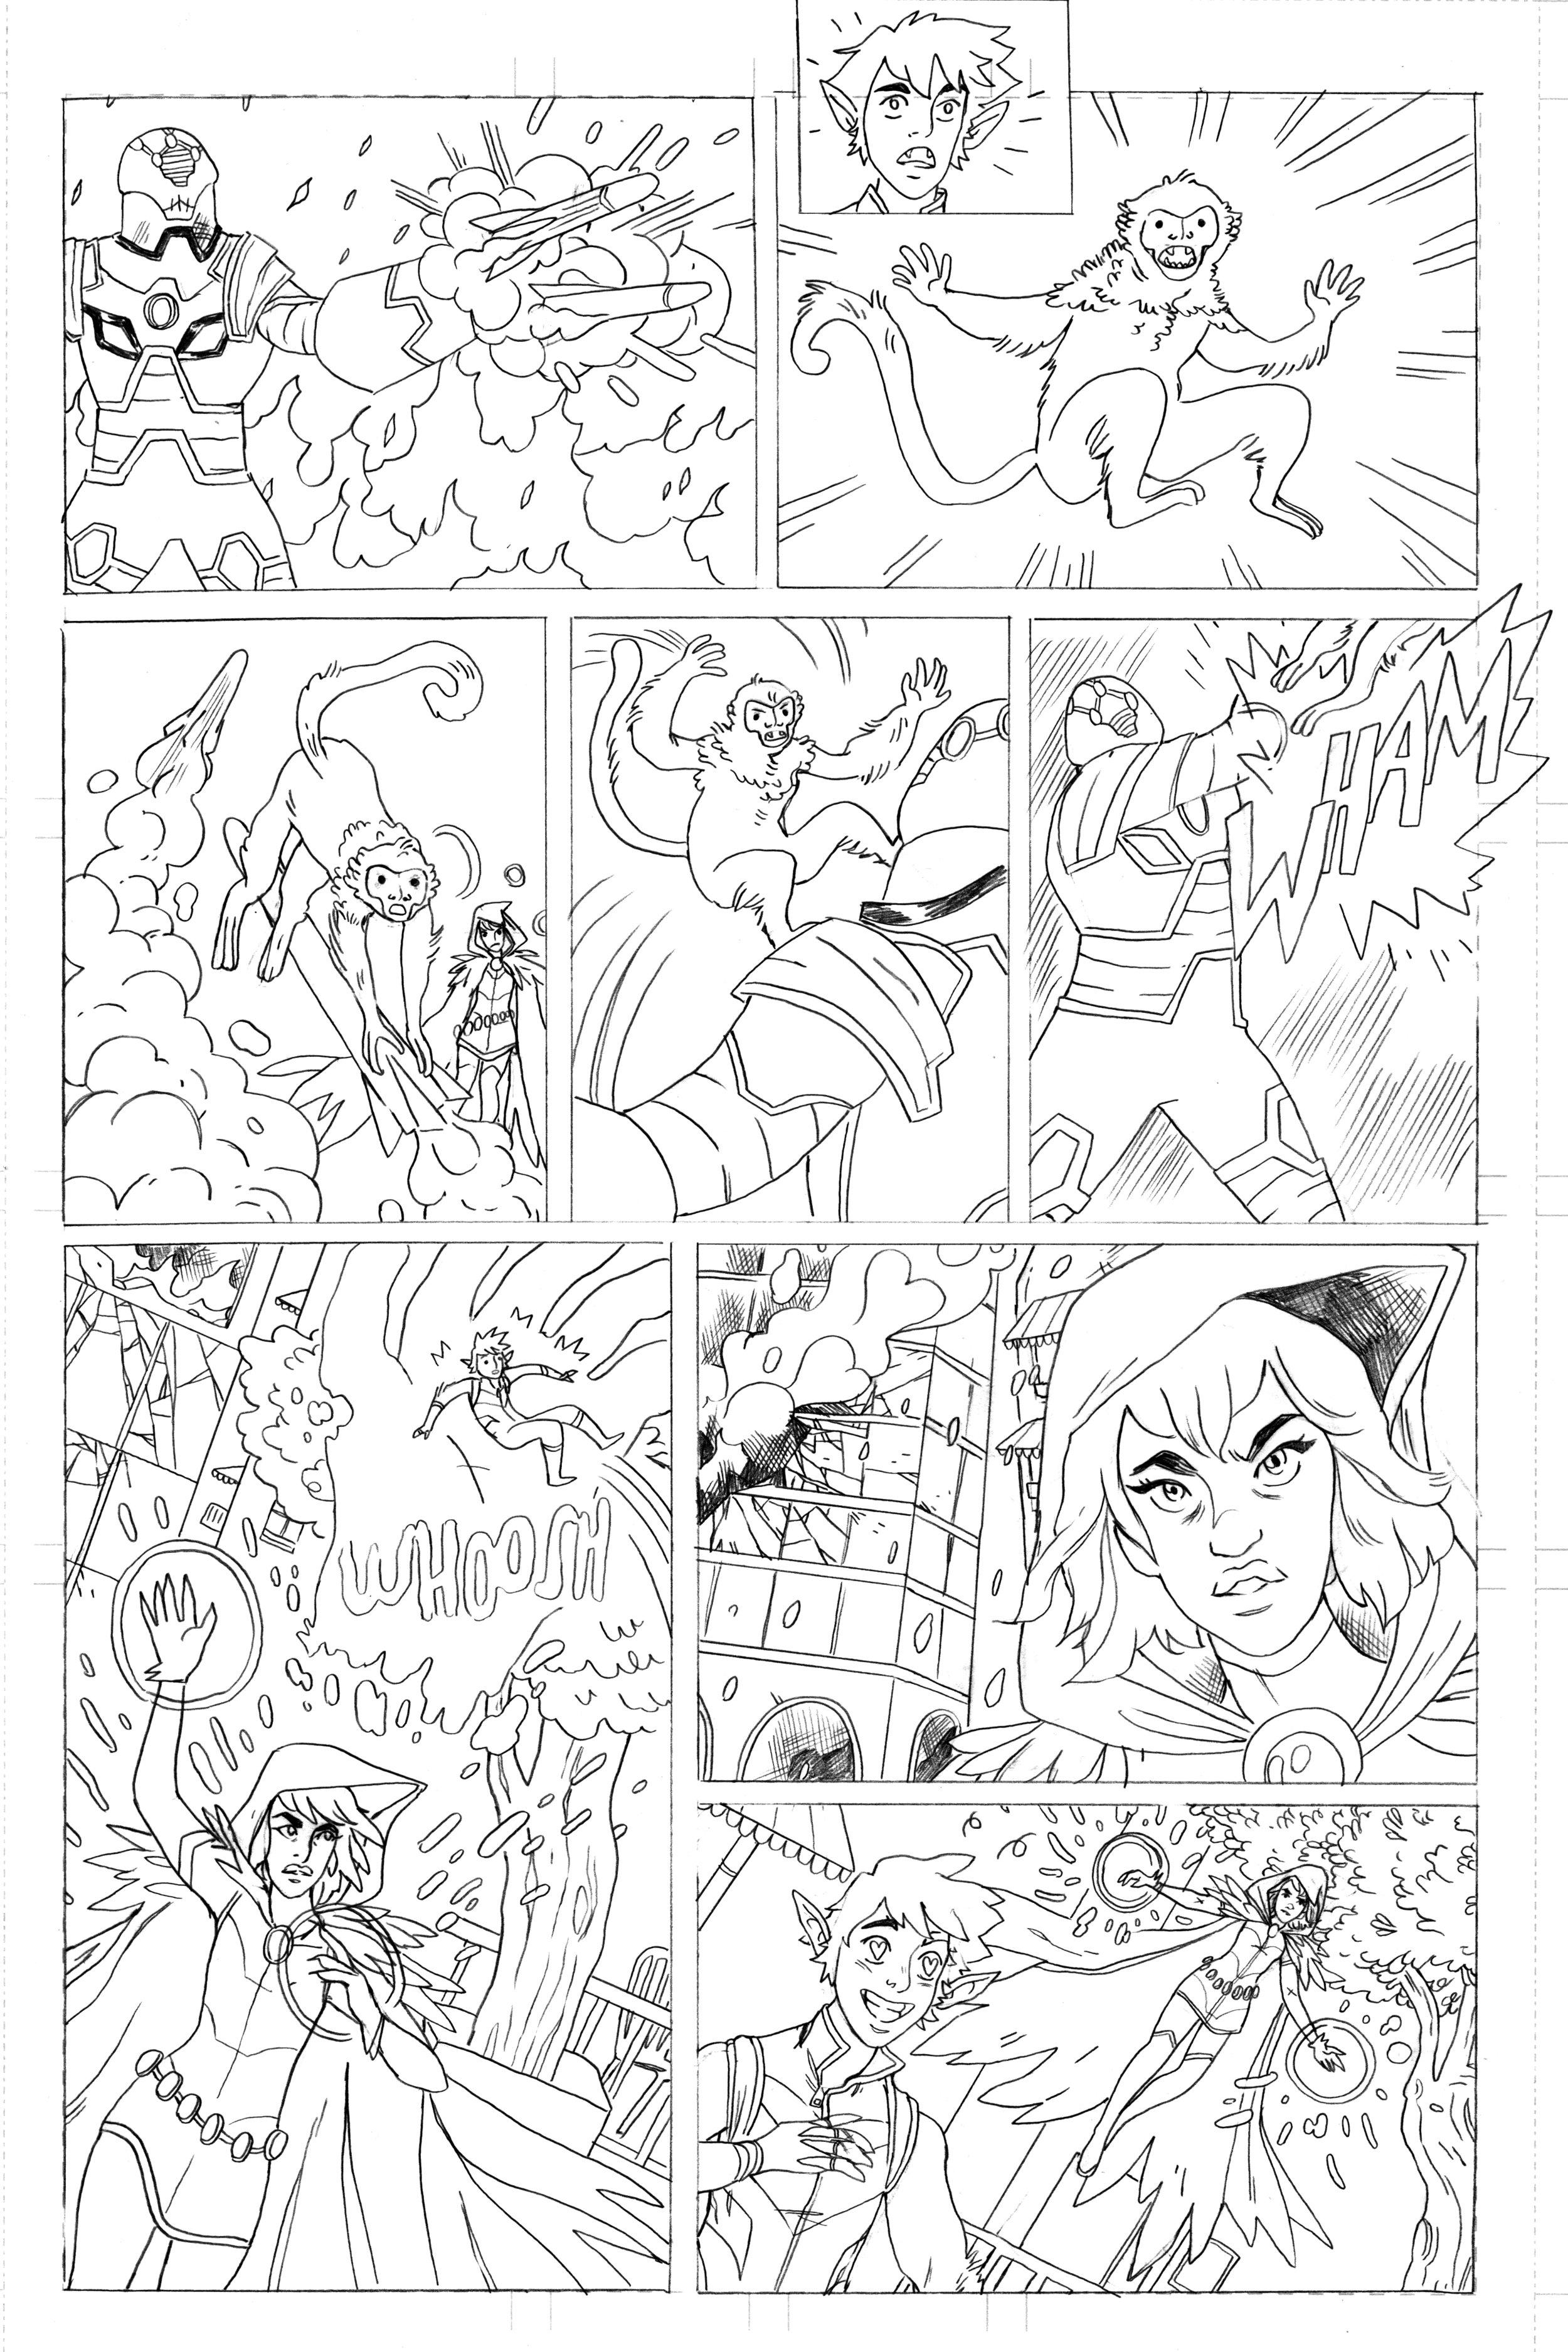 Teen_Titans-DC-pg3.jpeg